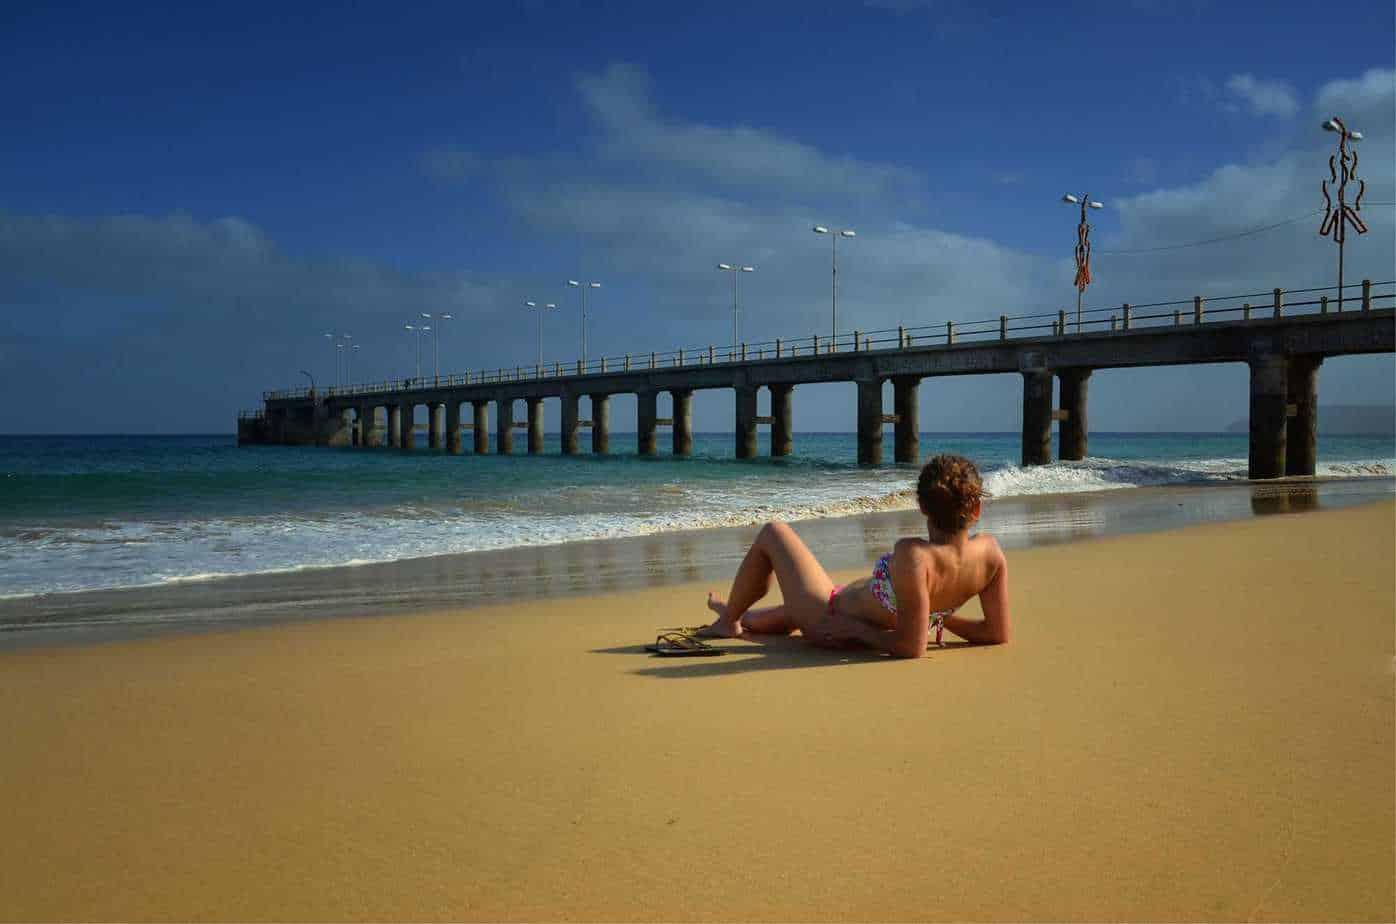 Praia dos Balnearios